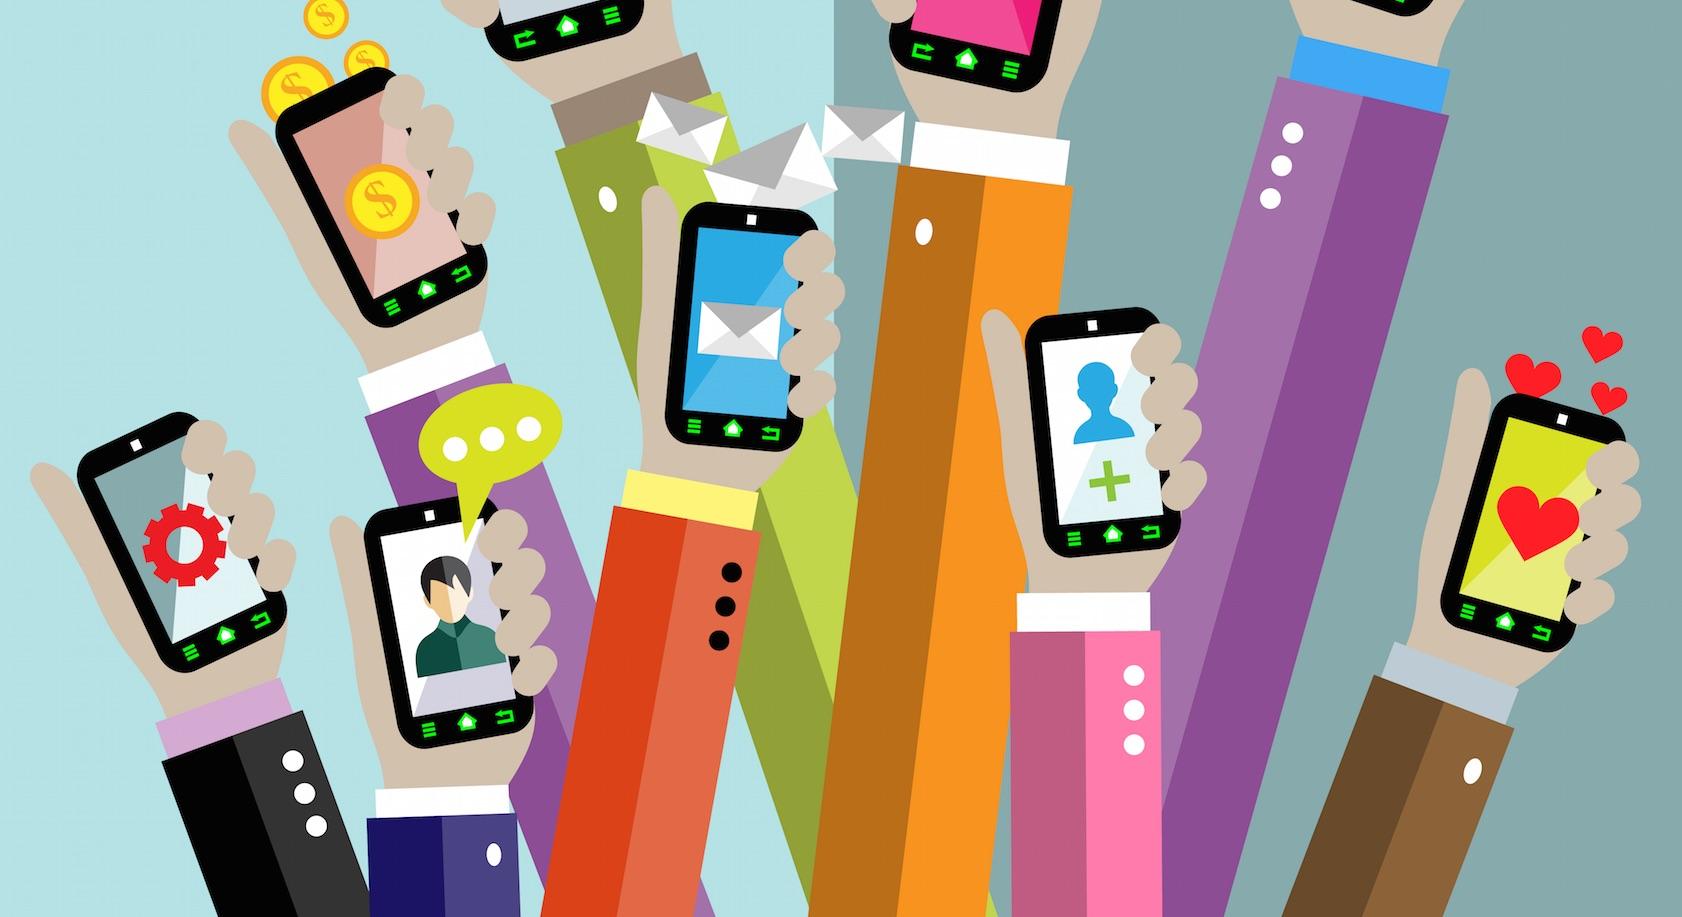 Как юзабилити сайта влияет на поведение пользователей